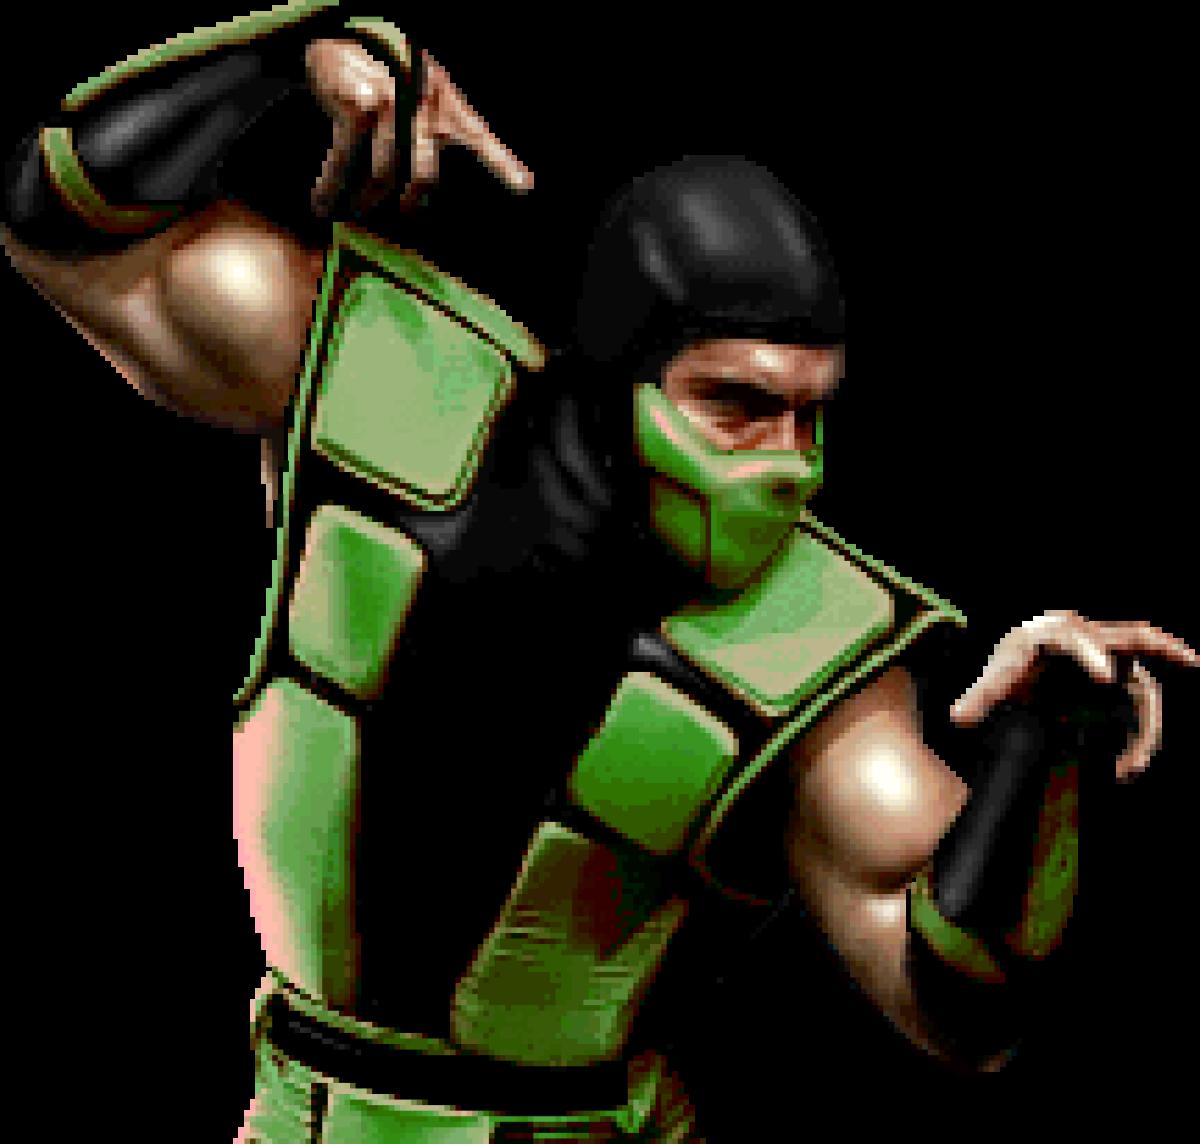 Mortal Kombat clipart #7, Download drawings